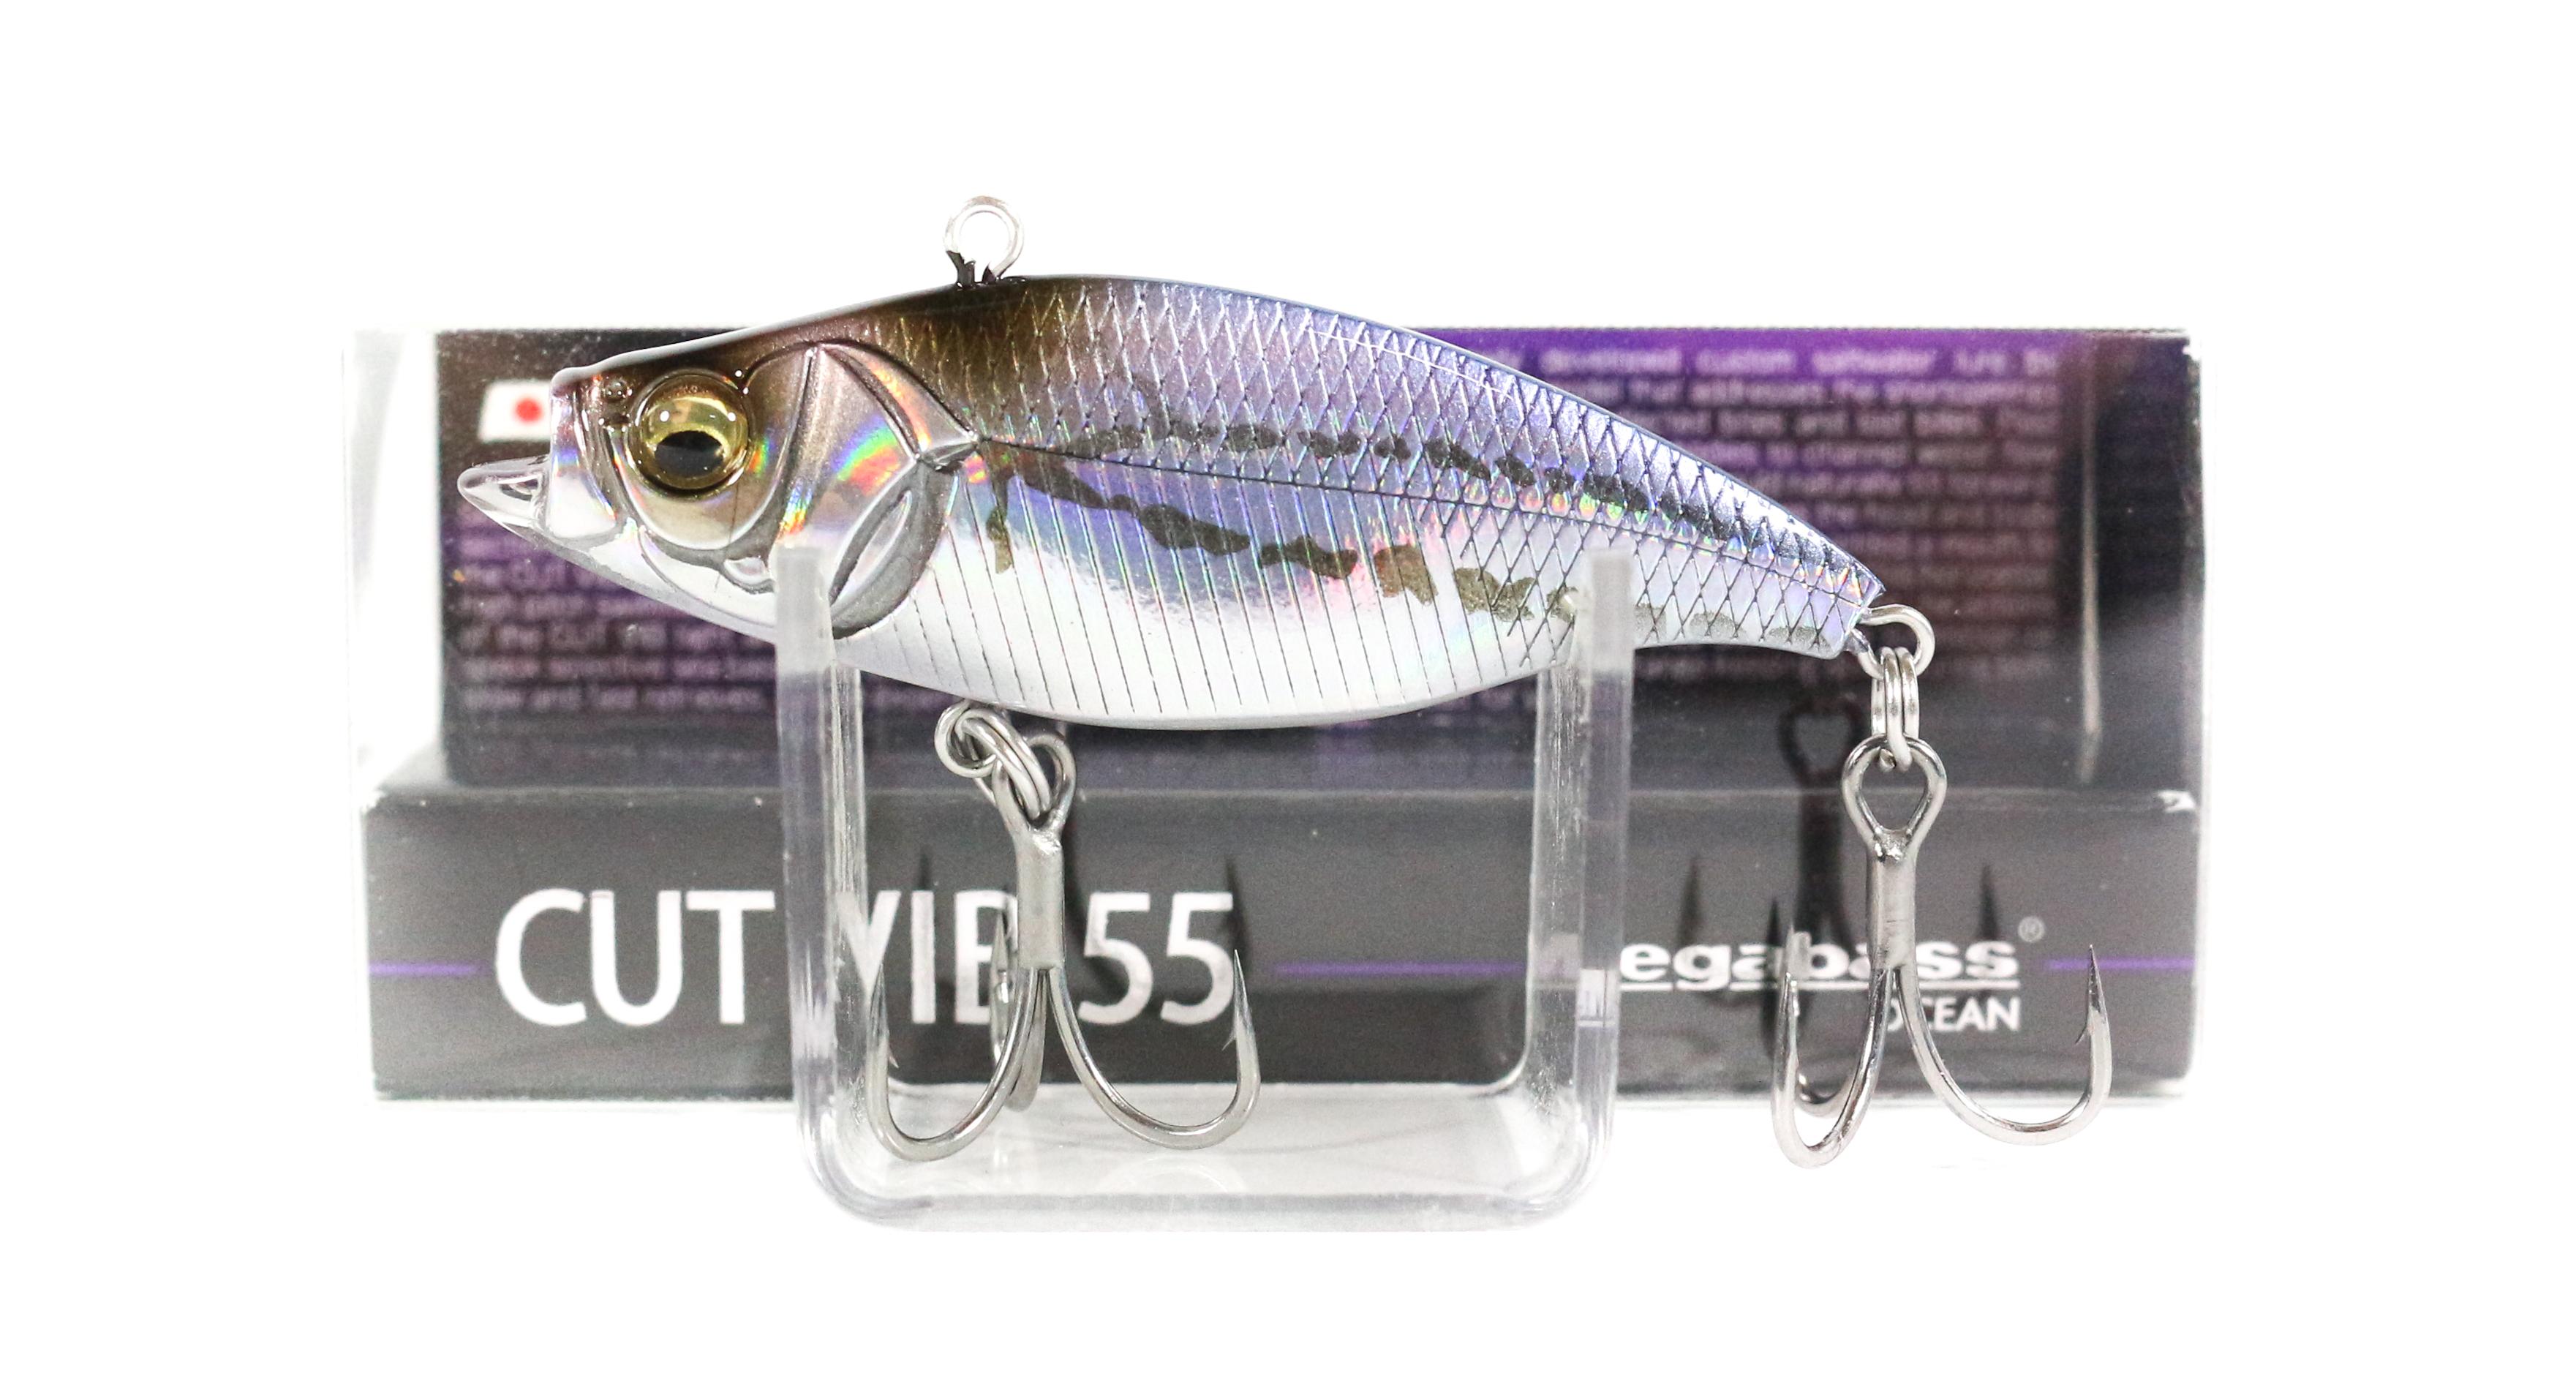 Megabass Cut Vib 55 Vibration Lure LZ Hiiragi (7327)